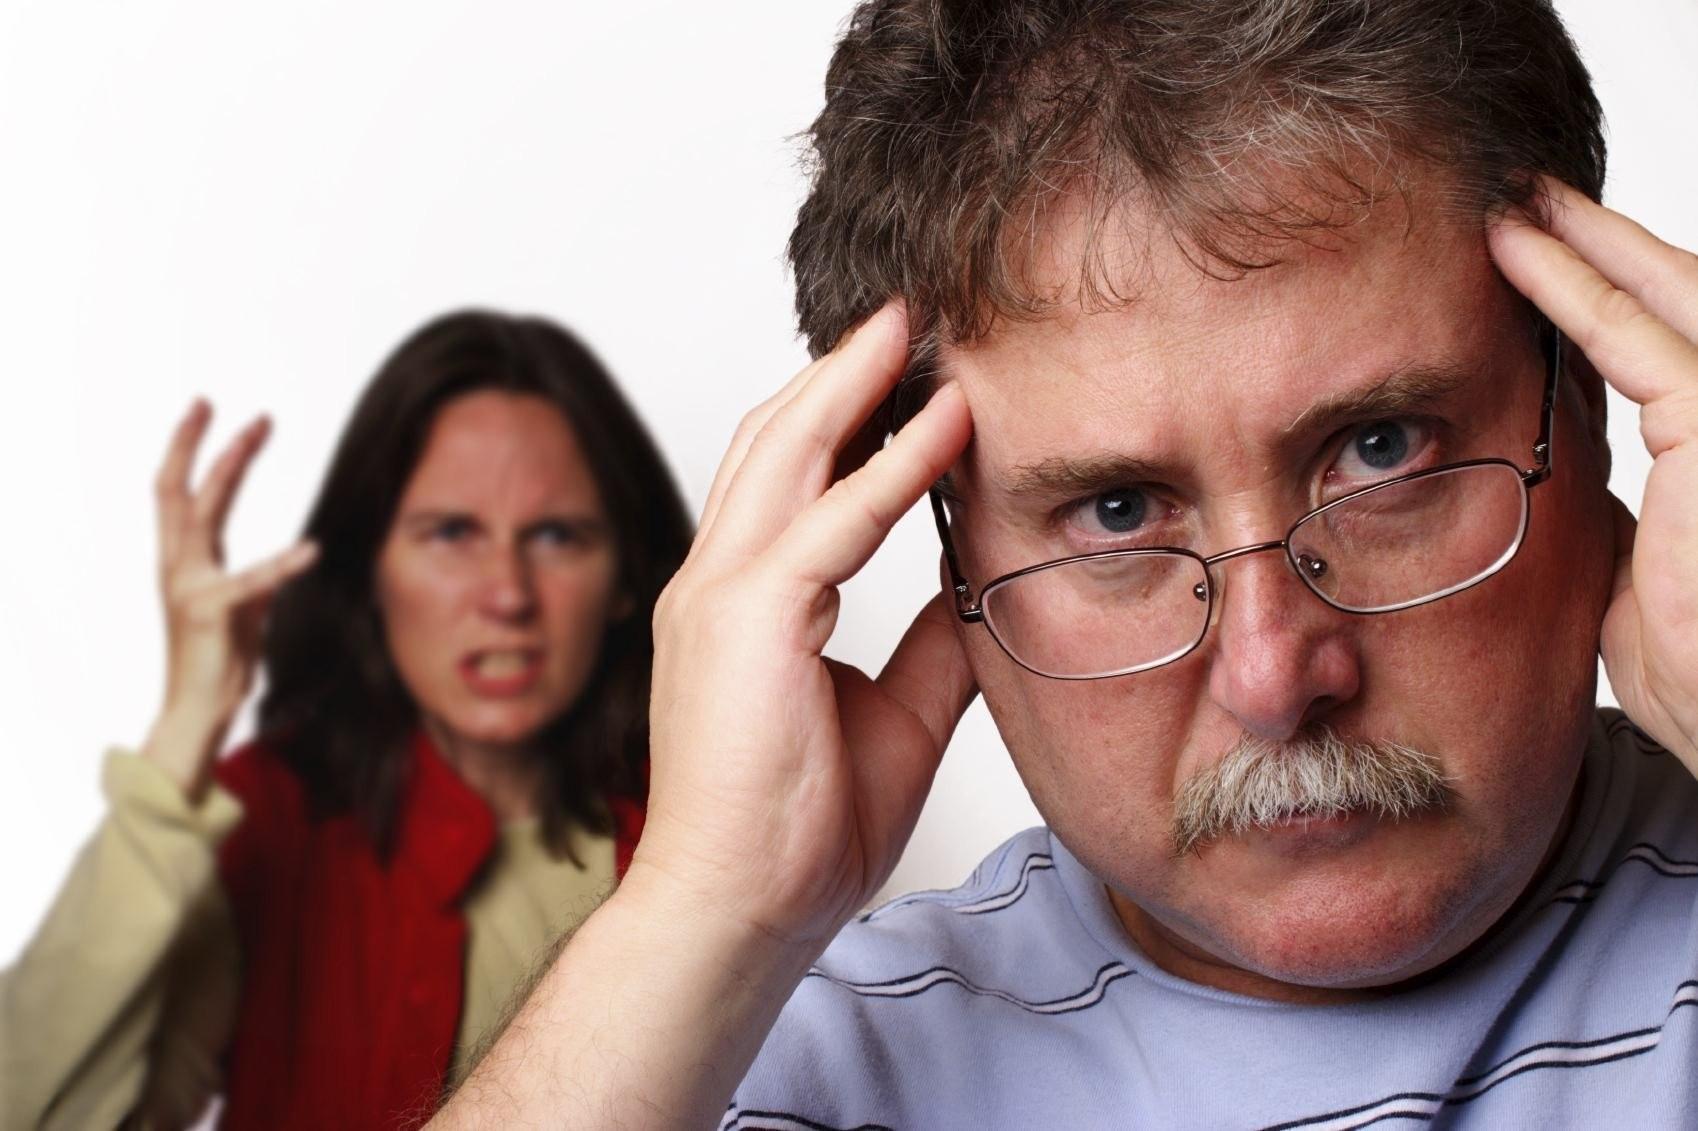 Стресс вбраке может привести кожирению— Ученые